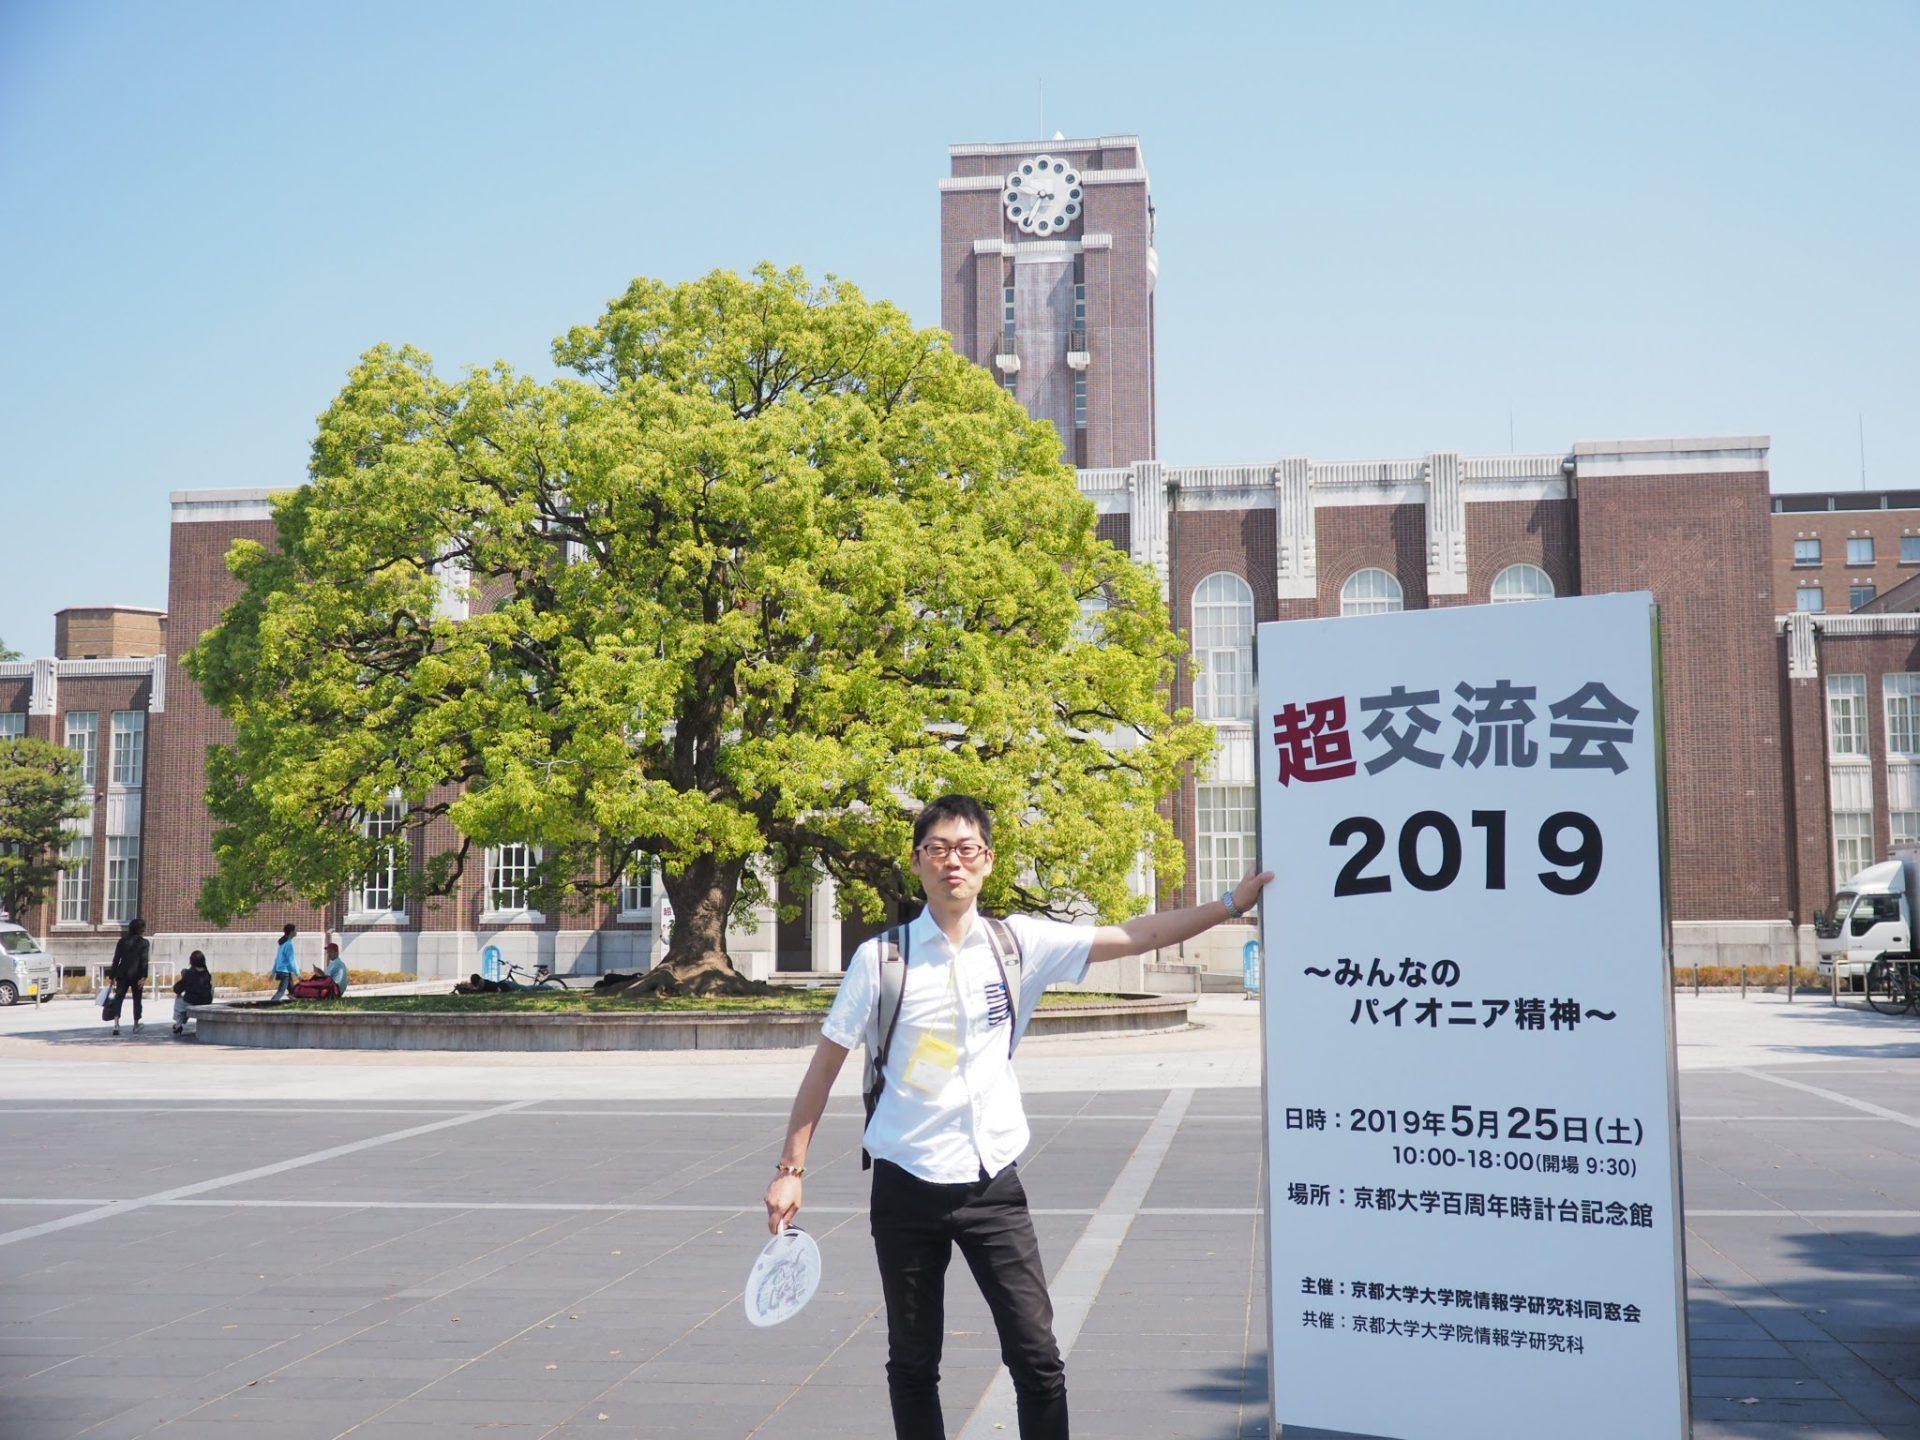 京都大学の超交流会にブース出展しました!